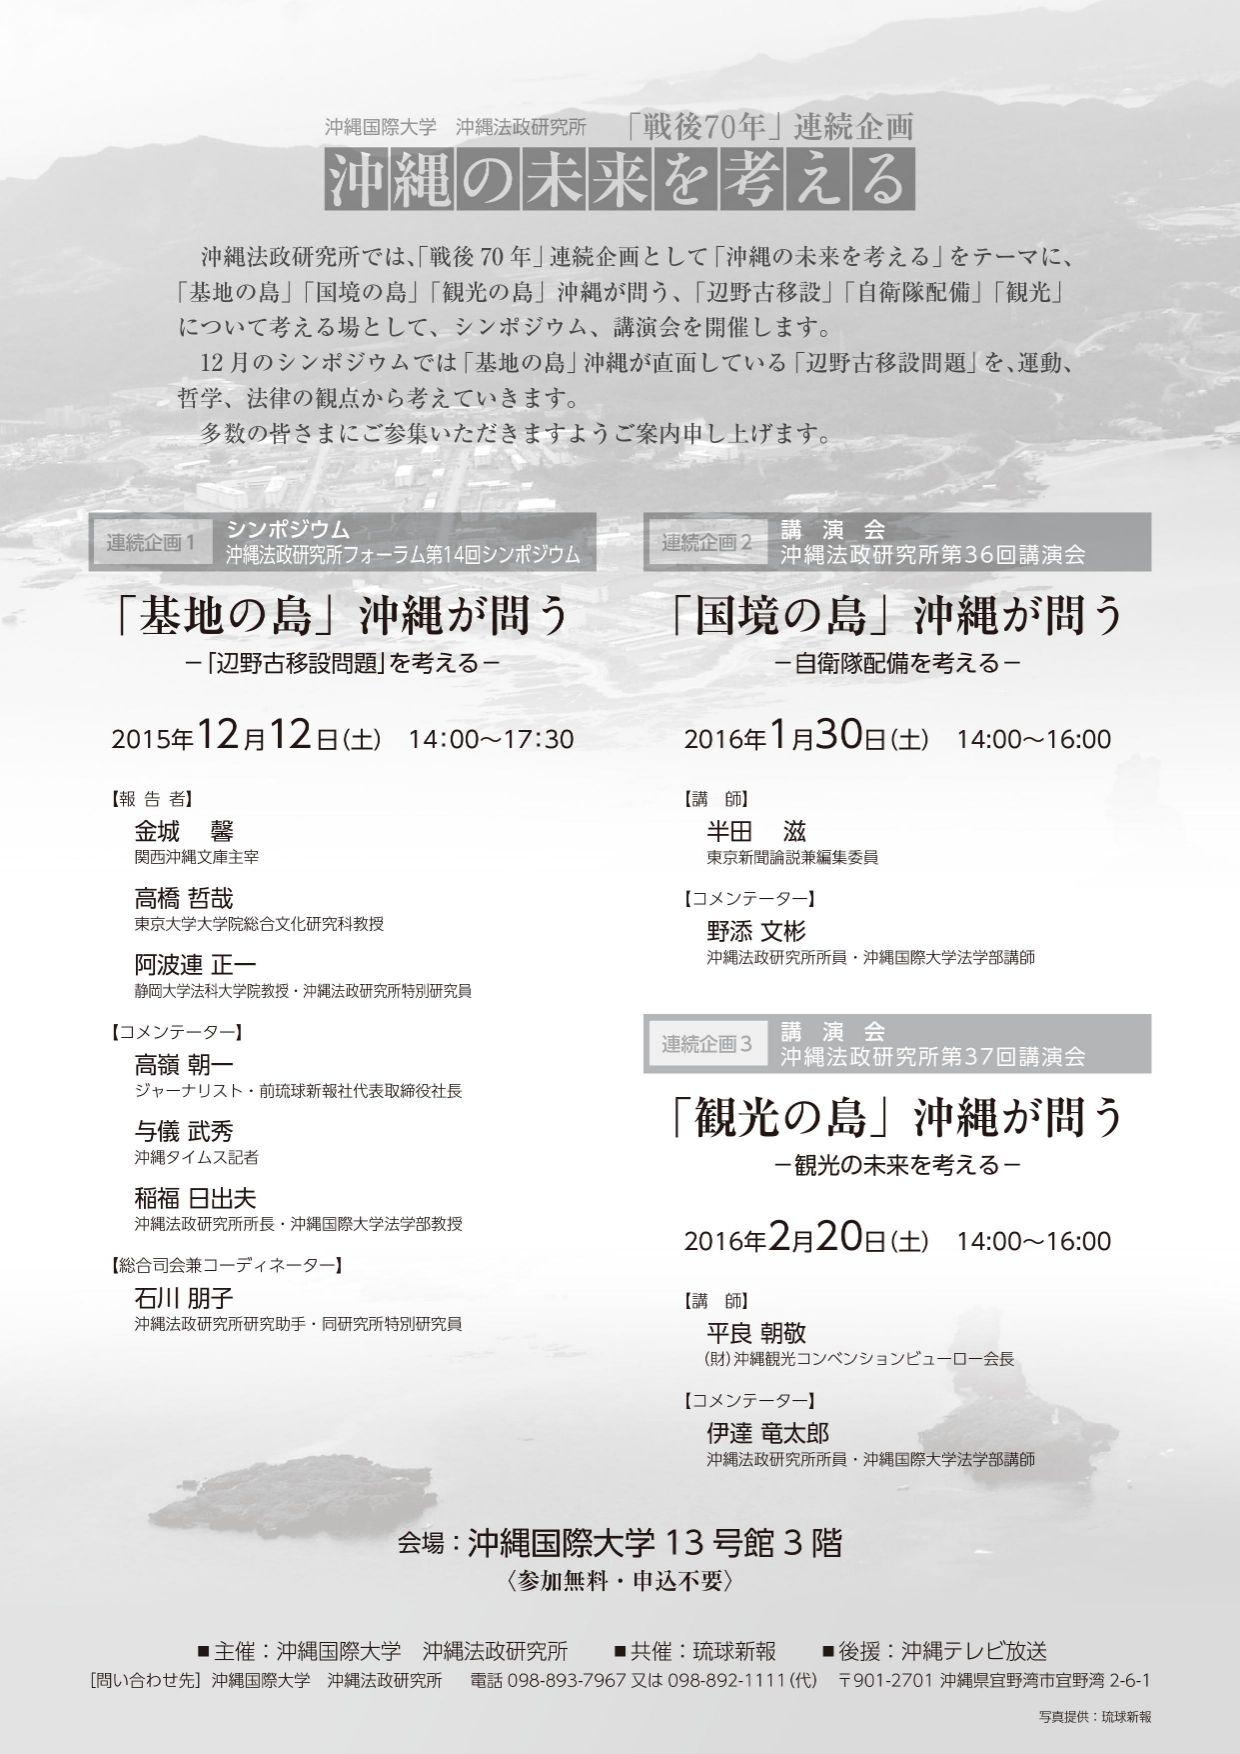 2015年 「戦後70年」連続企画 沖縄の未来を考える スケジュール